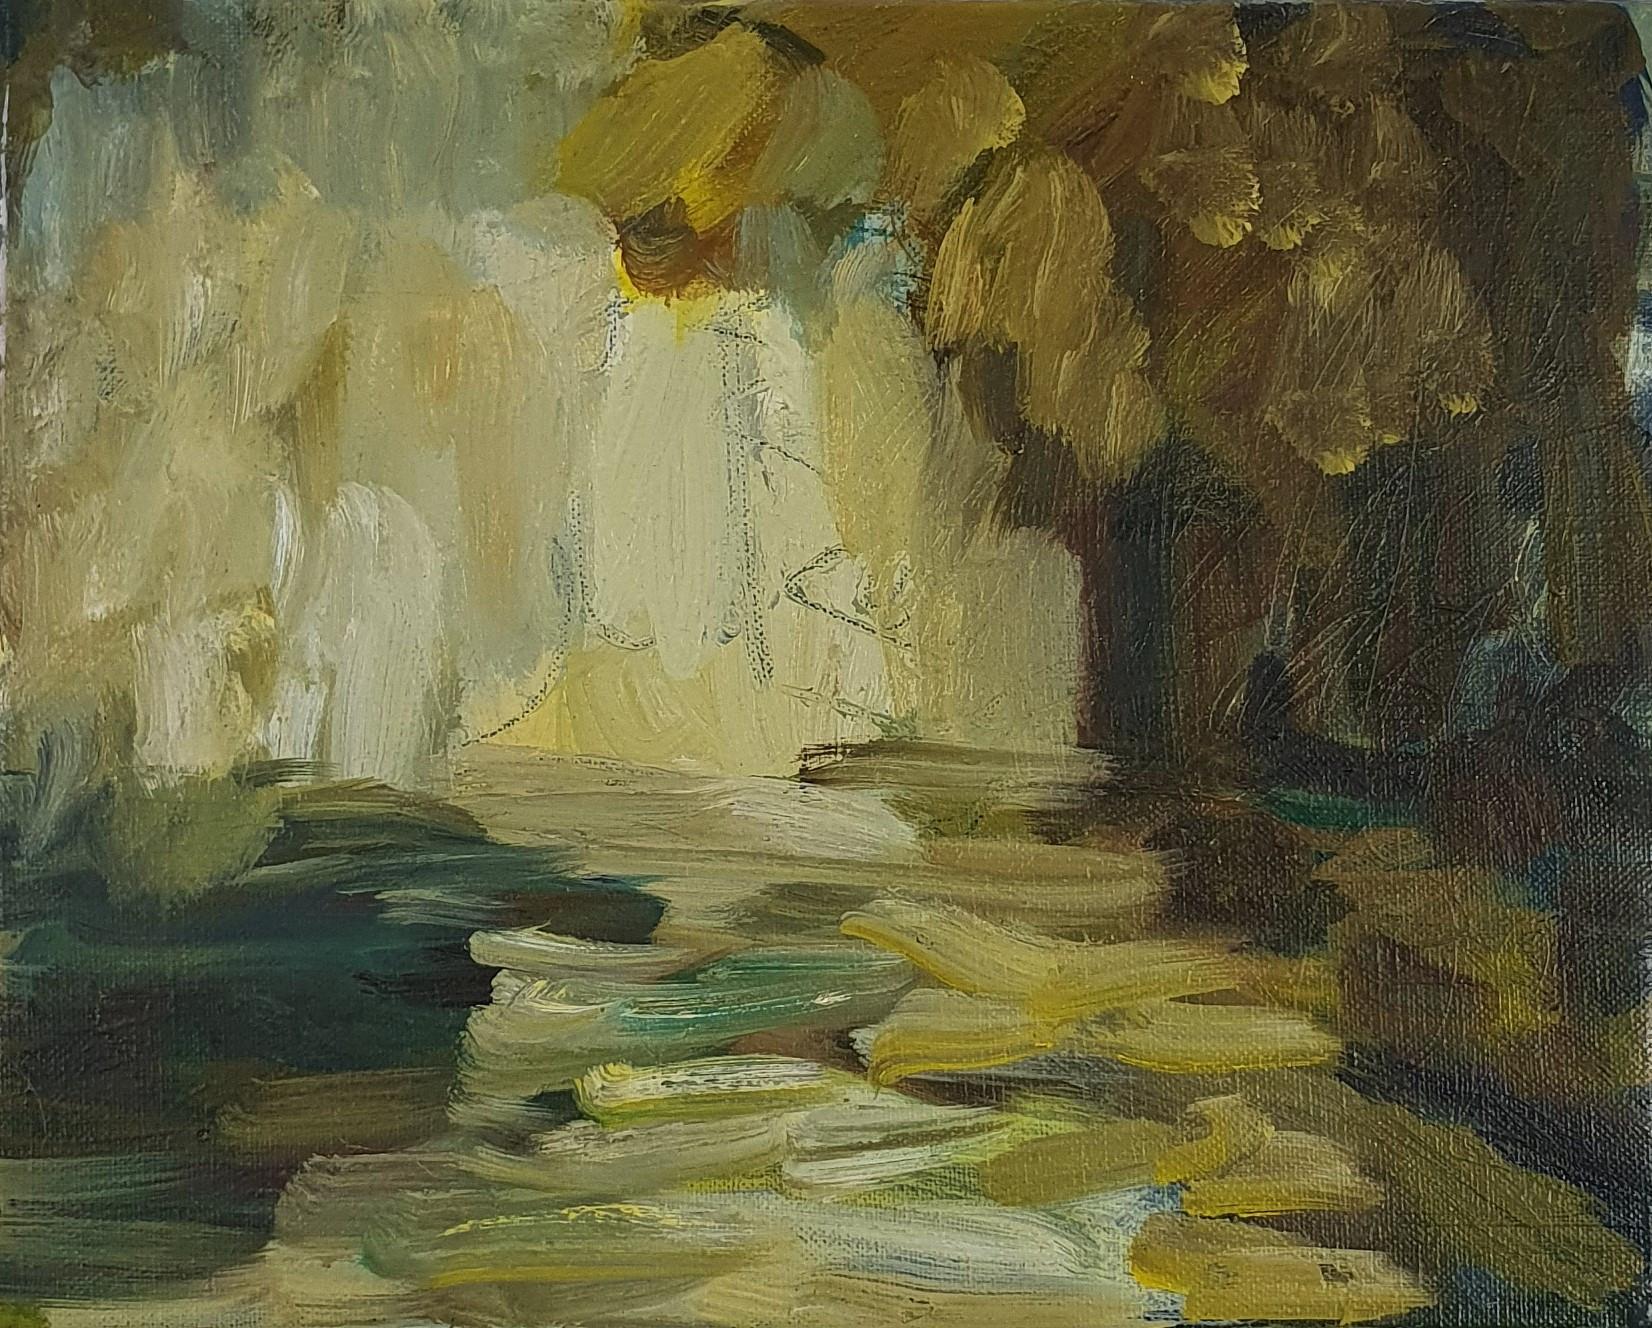 52. Autumn Light